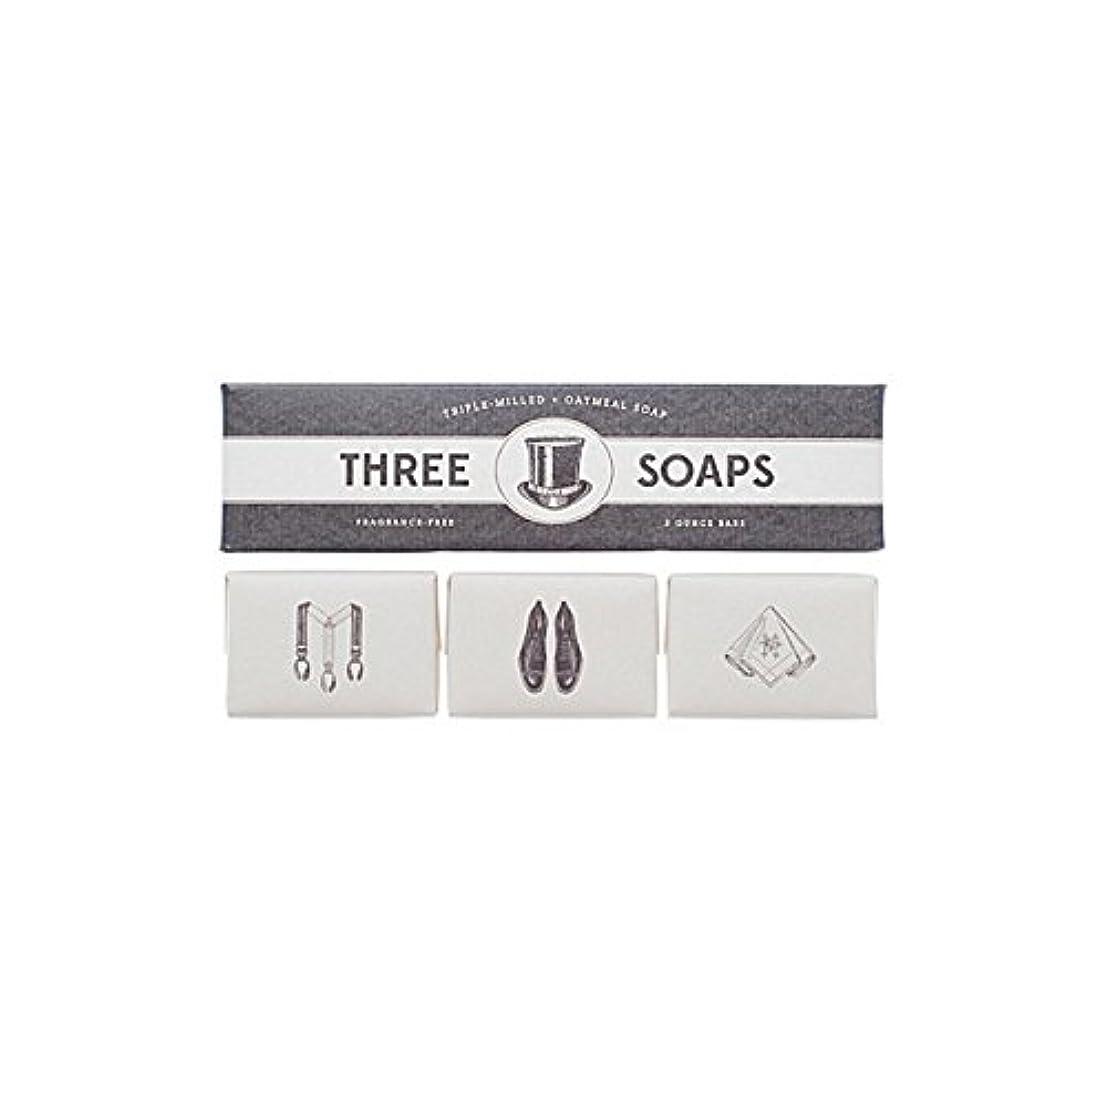 並外れた裁判所規定石鹸のイゾラトリオ x2 - Izola Trio Of Soaps (Pack of 2) [並行輸入品]